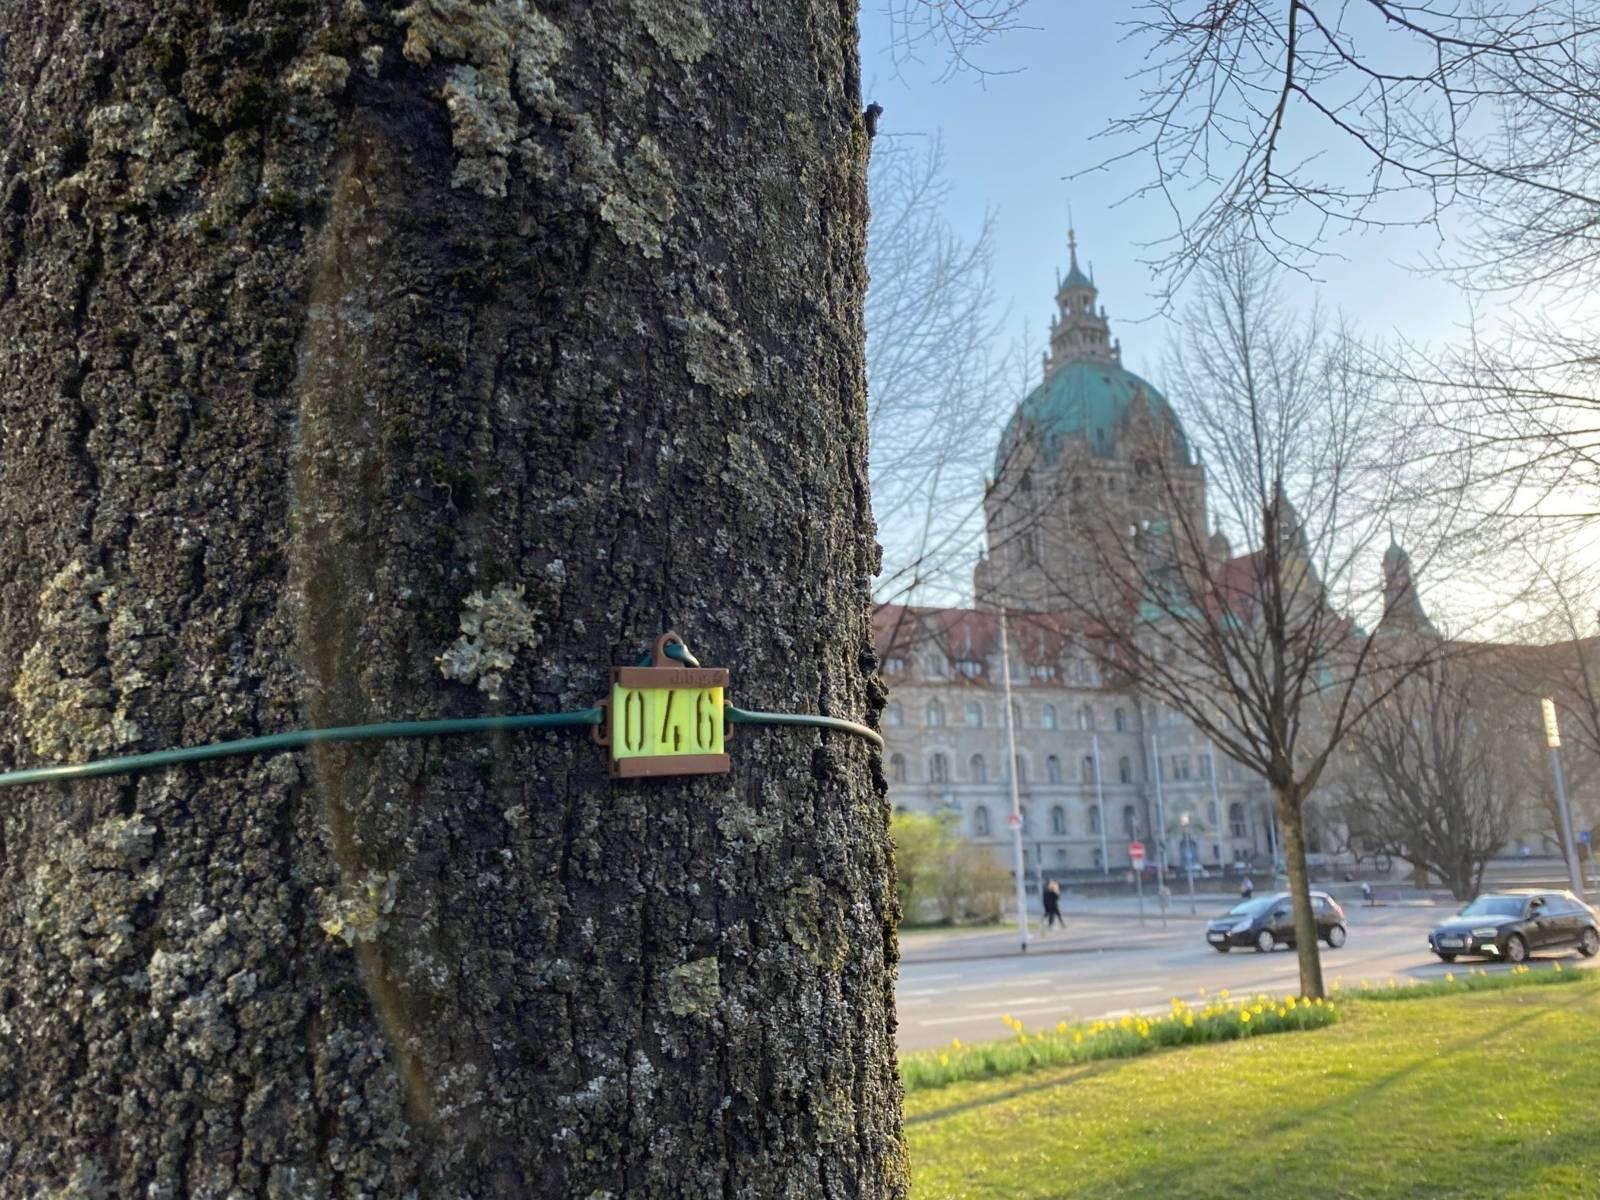 Ein Baumstamm mit einer Nummer. Im Hintergrund das Neue Rathaus.